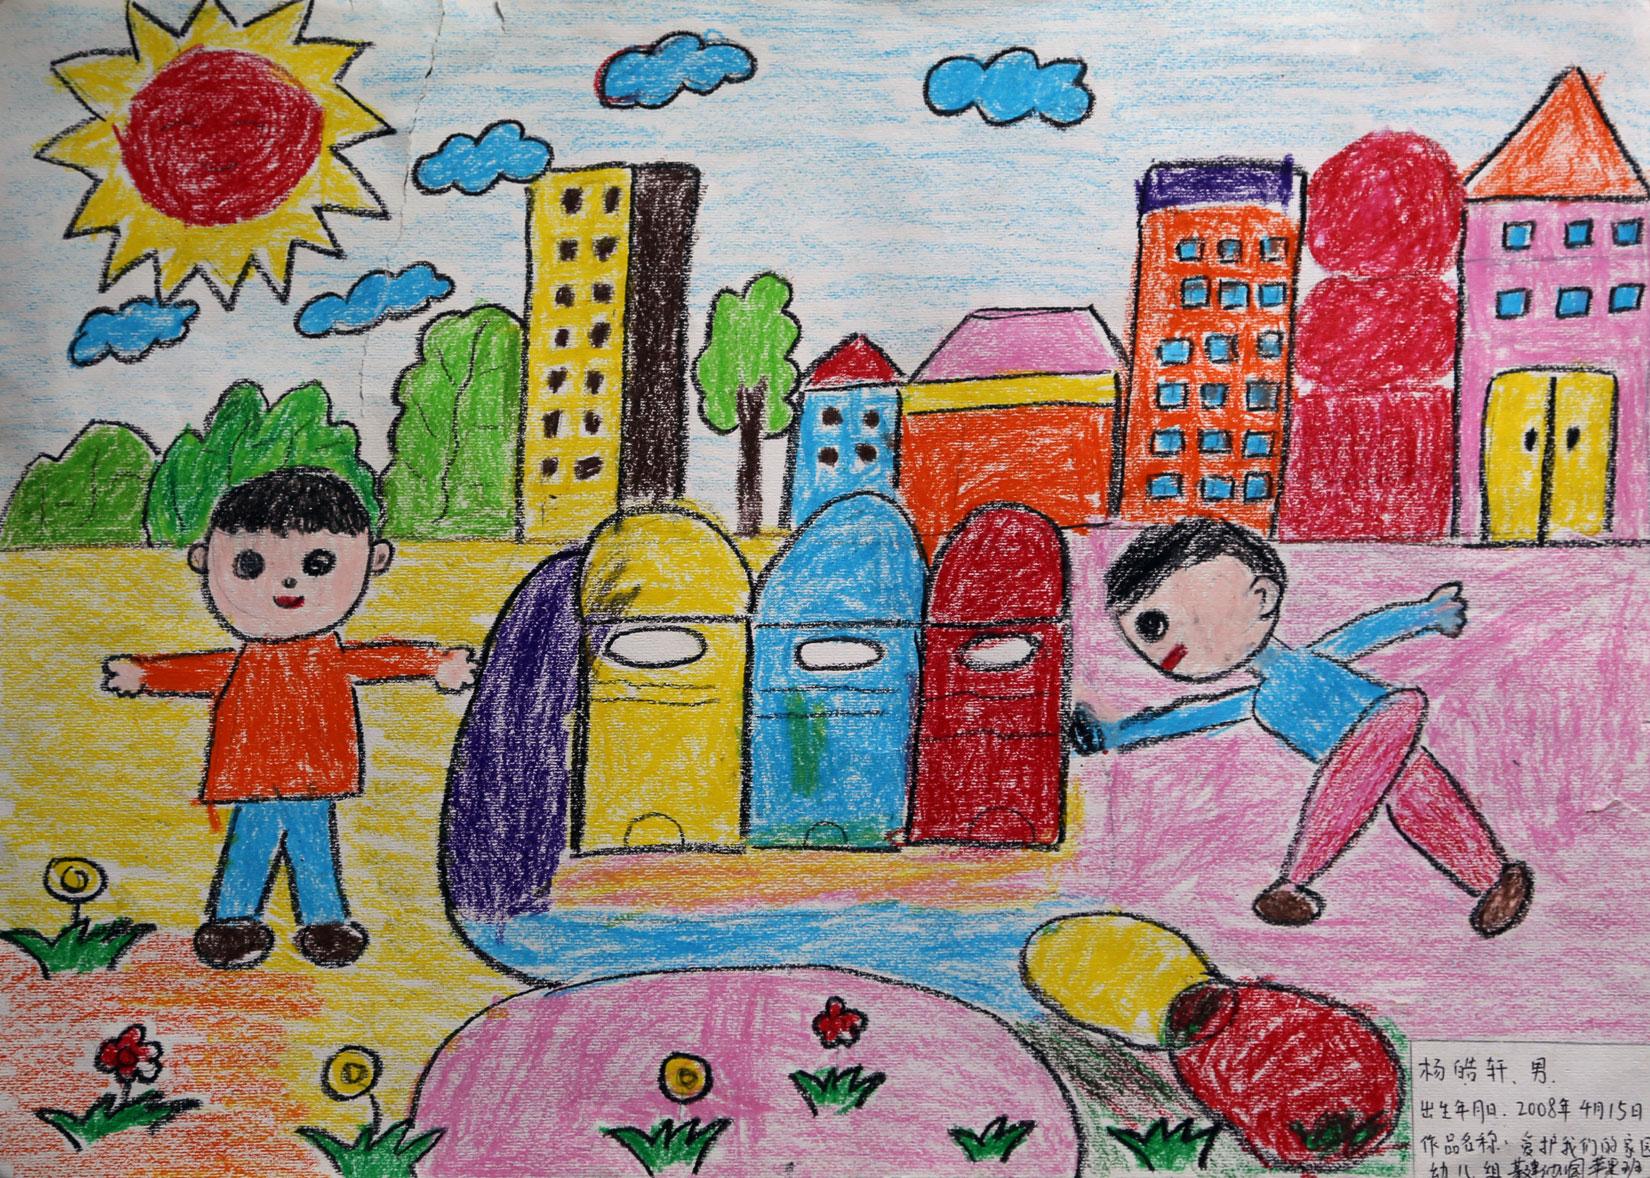 爱护环境人人有责儿童画